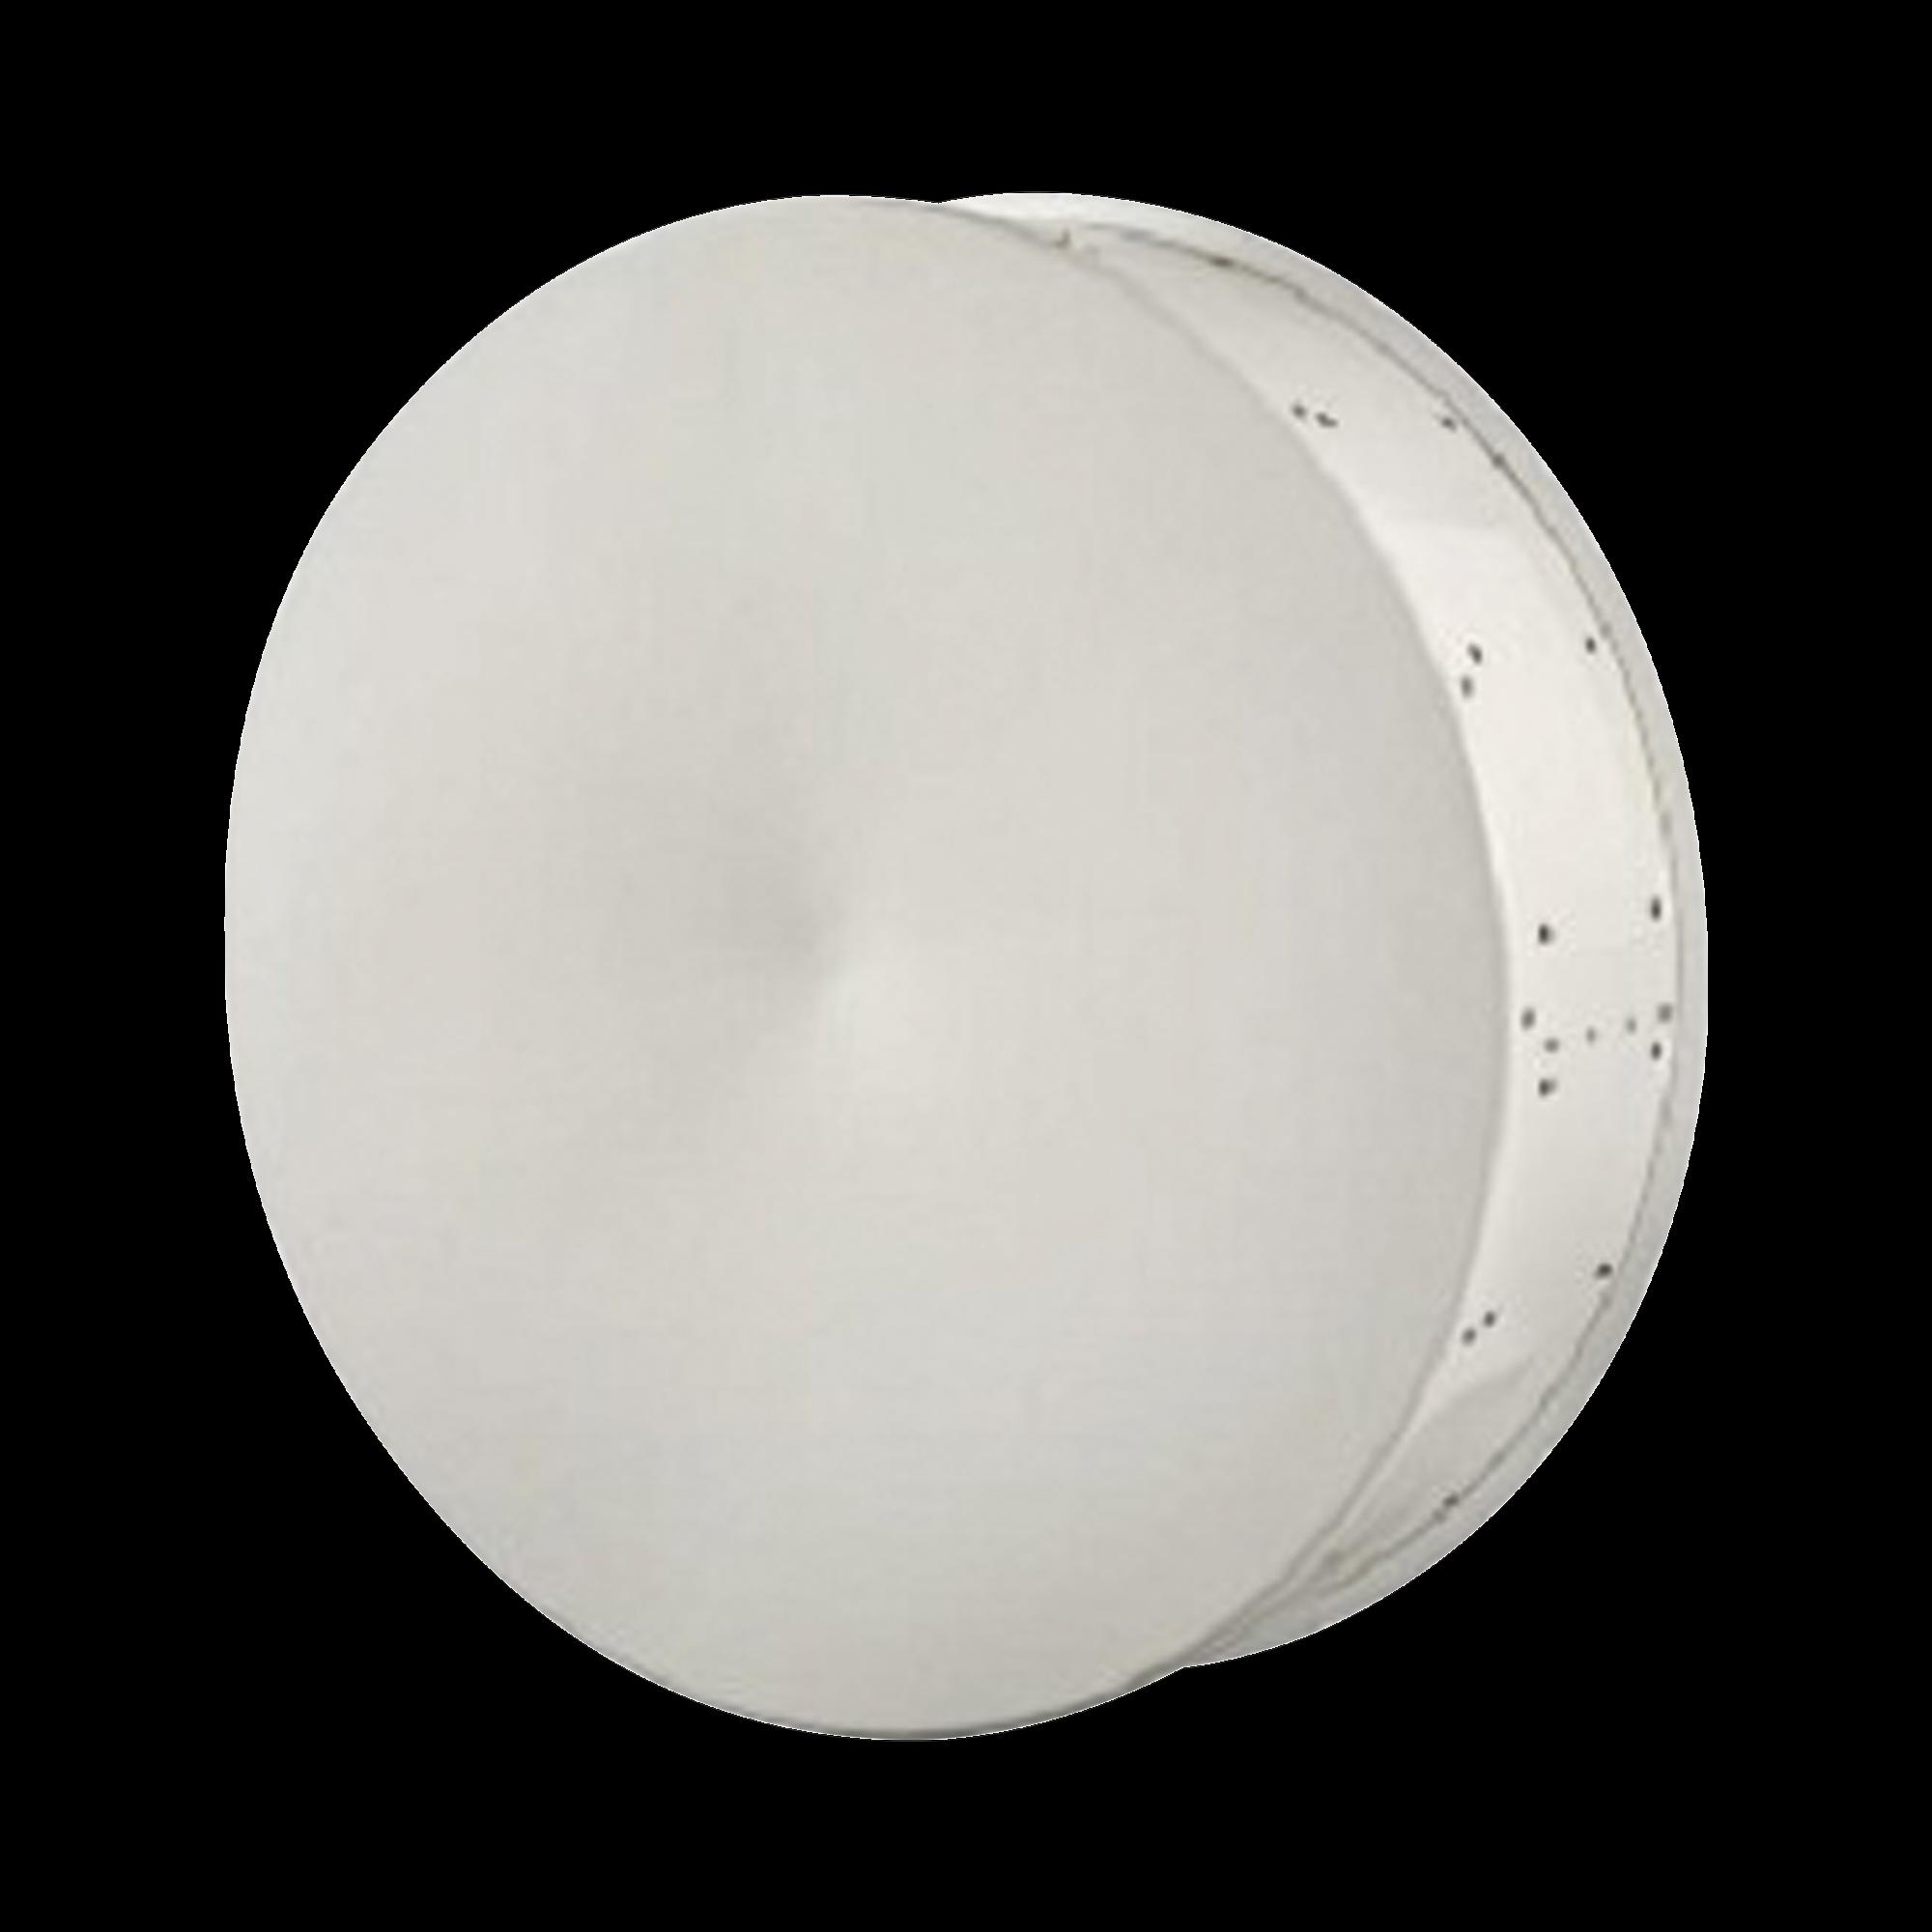 PTP800 HP antena de 3, 7.10 - 8.5GHz, polarización única, PDR84